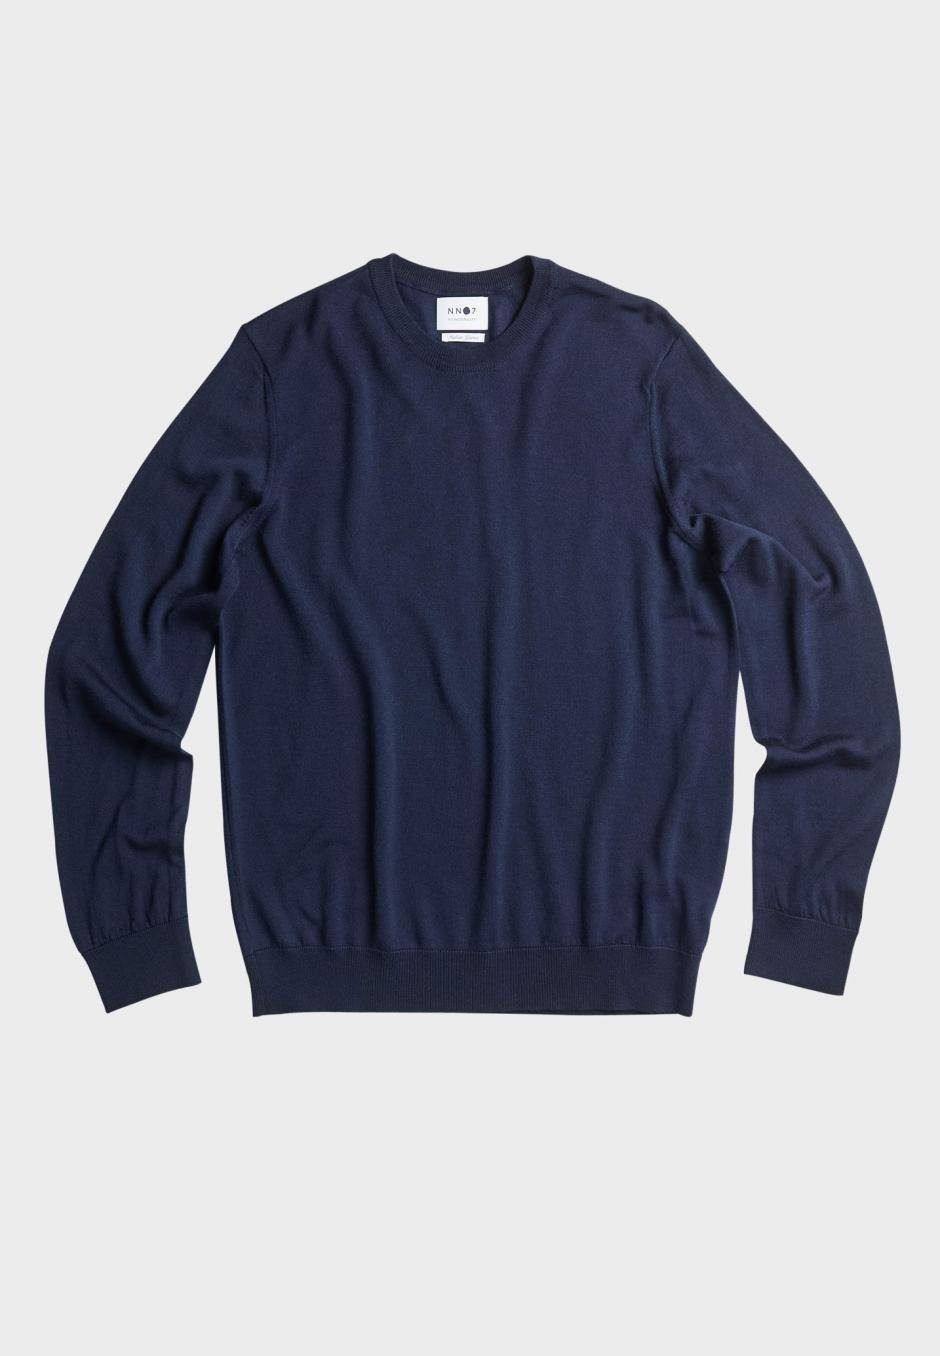 NN 07 Ted 6120 Merino Sweater